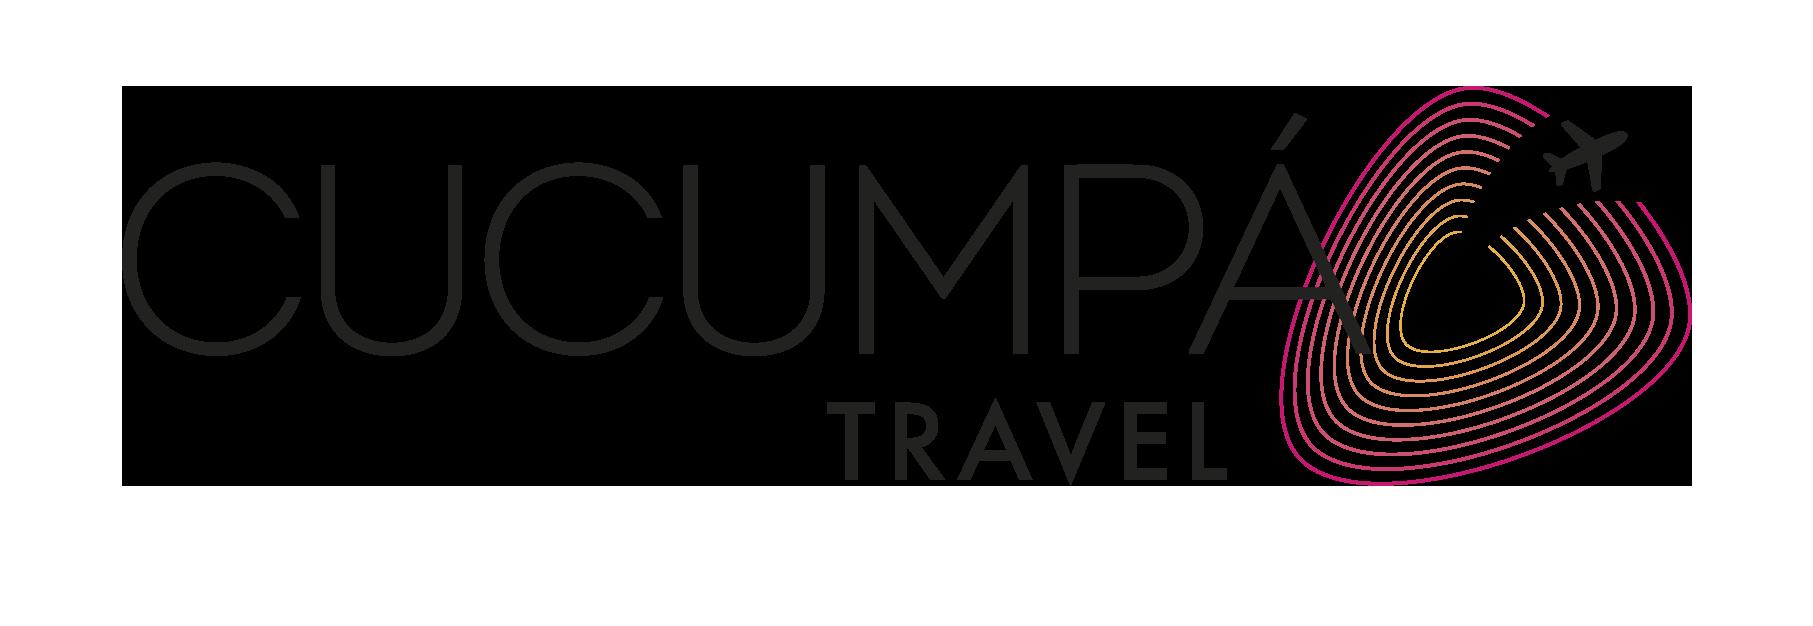 Agencia Viajes Cucumpa